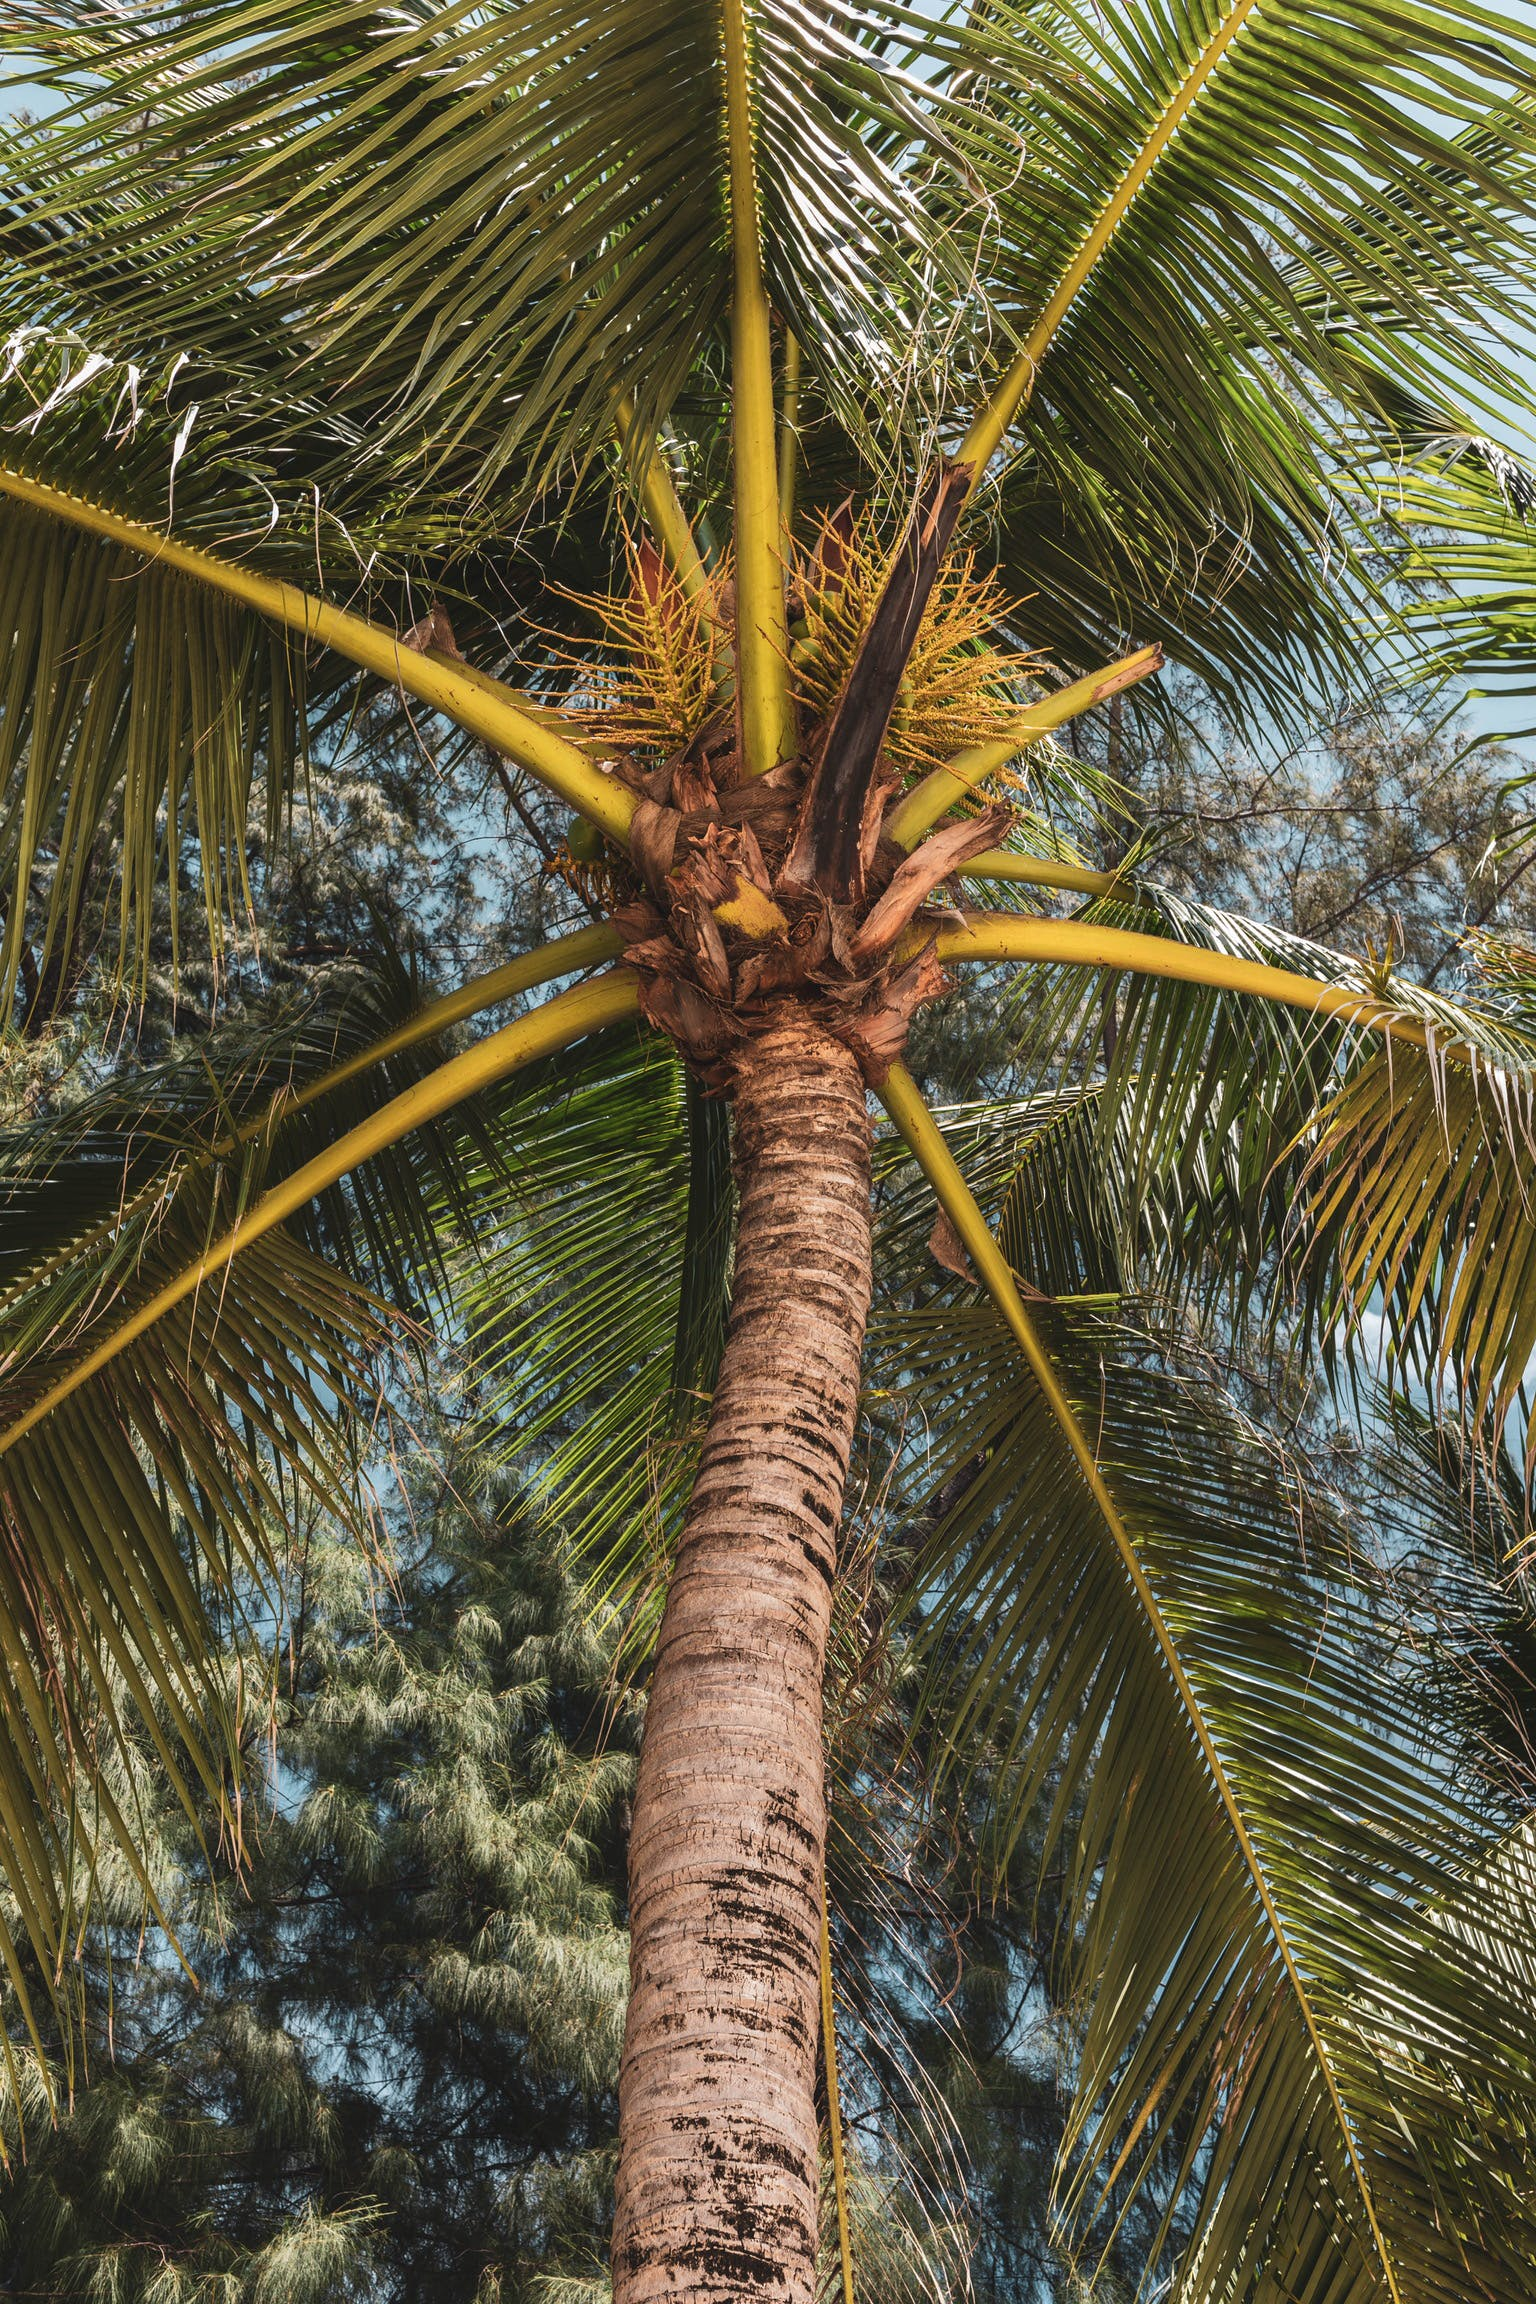 Gratis stockfoto met abstracte foto, kokosboom, natuurlijk